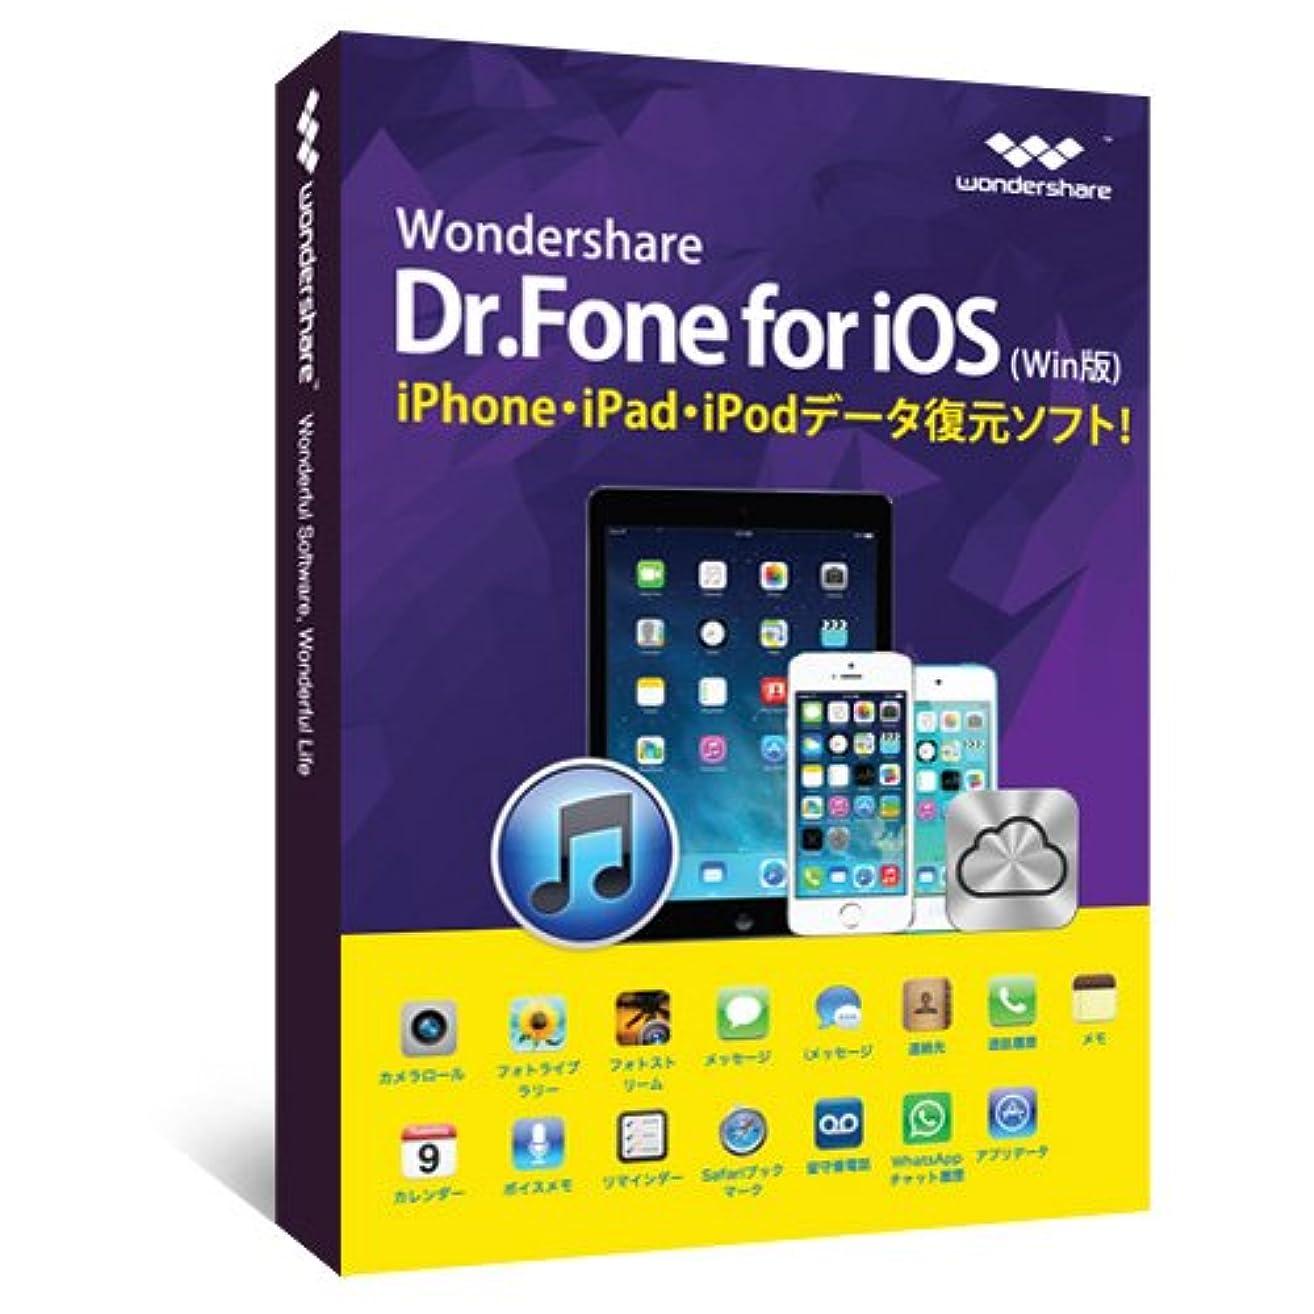 実際のカカドゥ光Wondershare Dr.Fone for iOS(Win版)永久ライセンス iPhone iPad iPod Touch データ復元ソフトiphone 連絡先 写真復元 データ復元 復旧|ワンダーシェアー